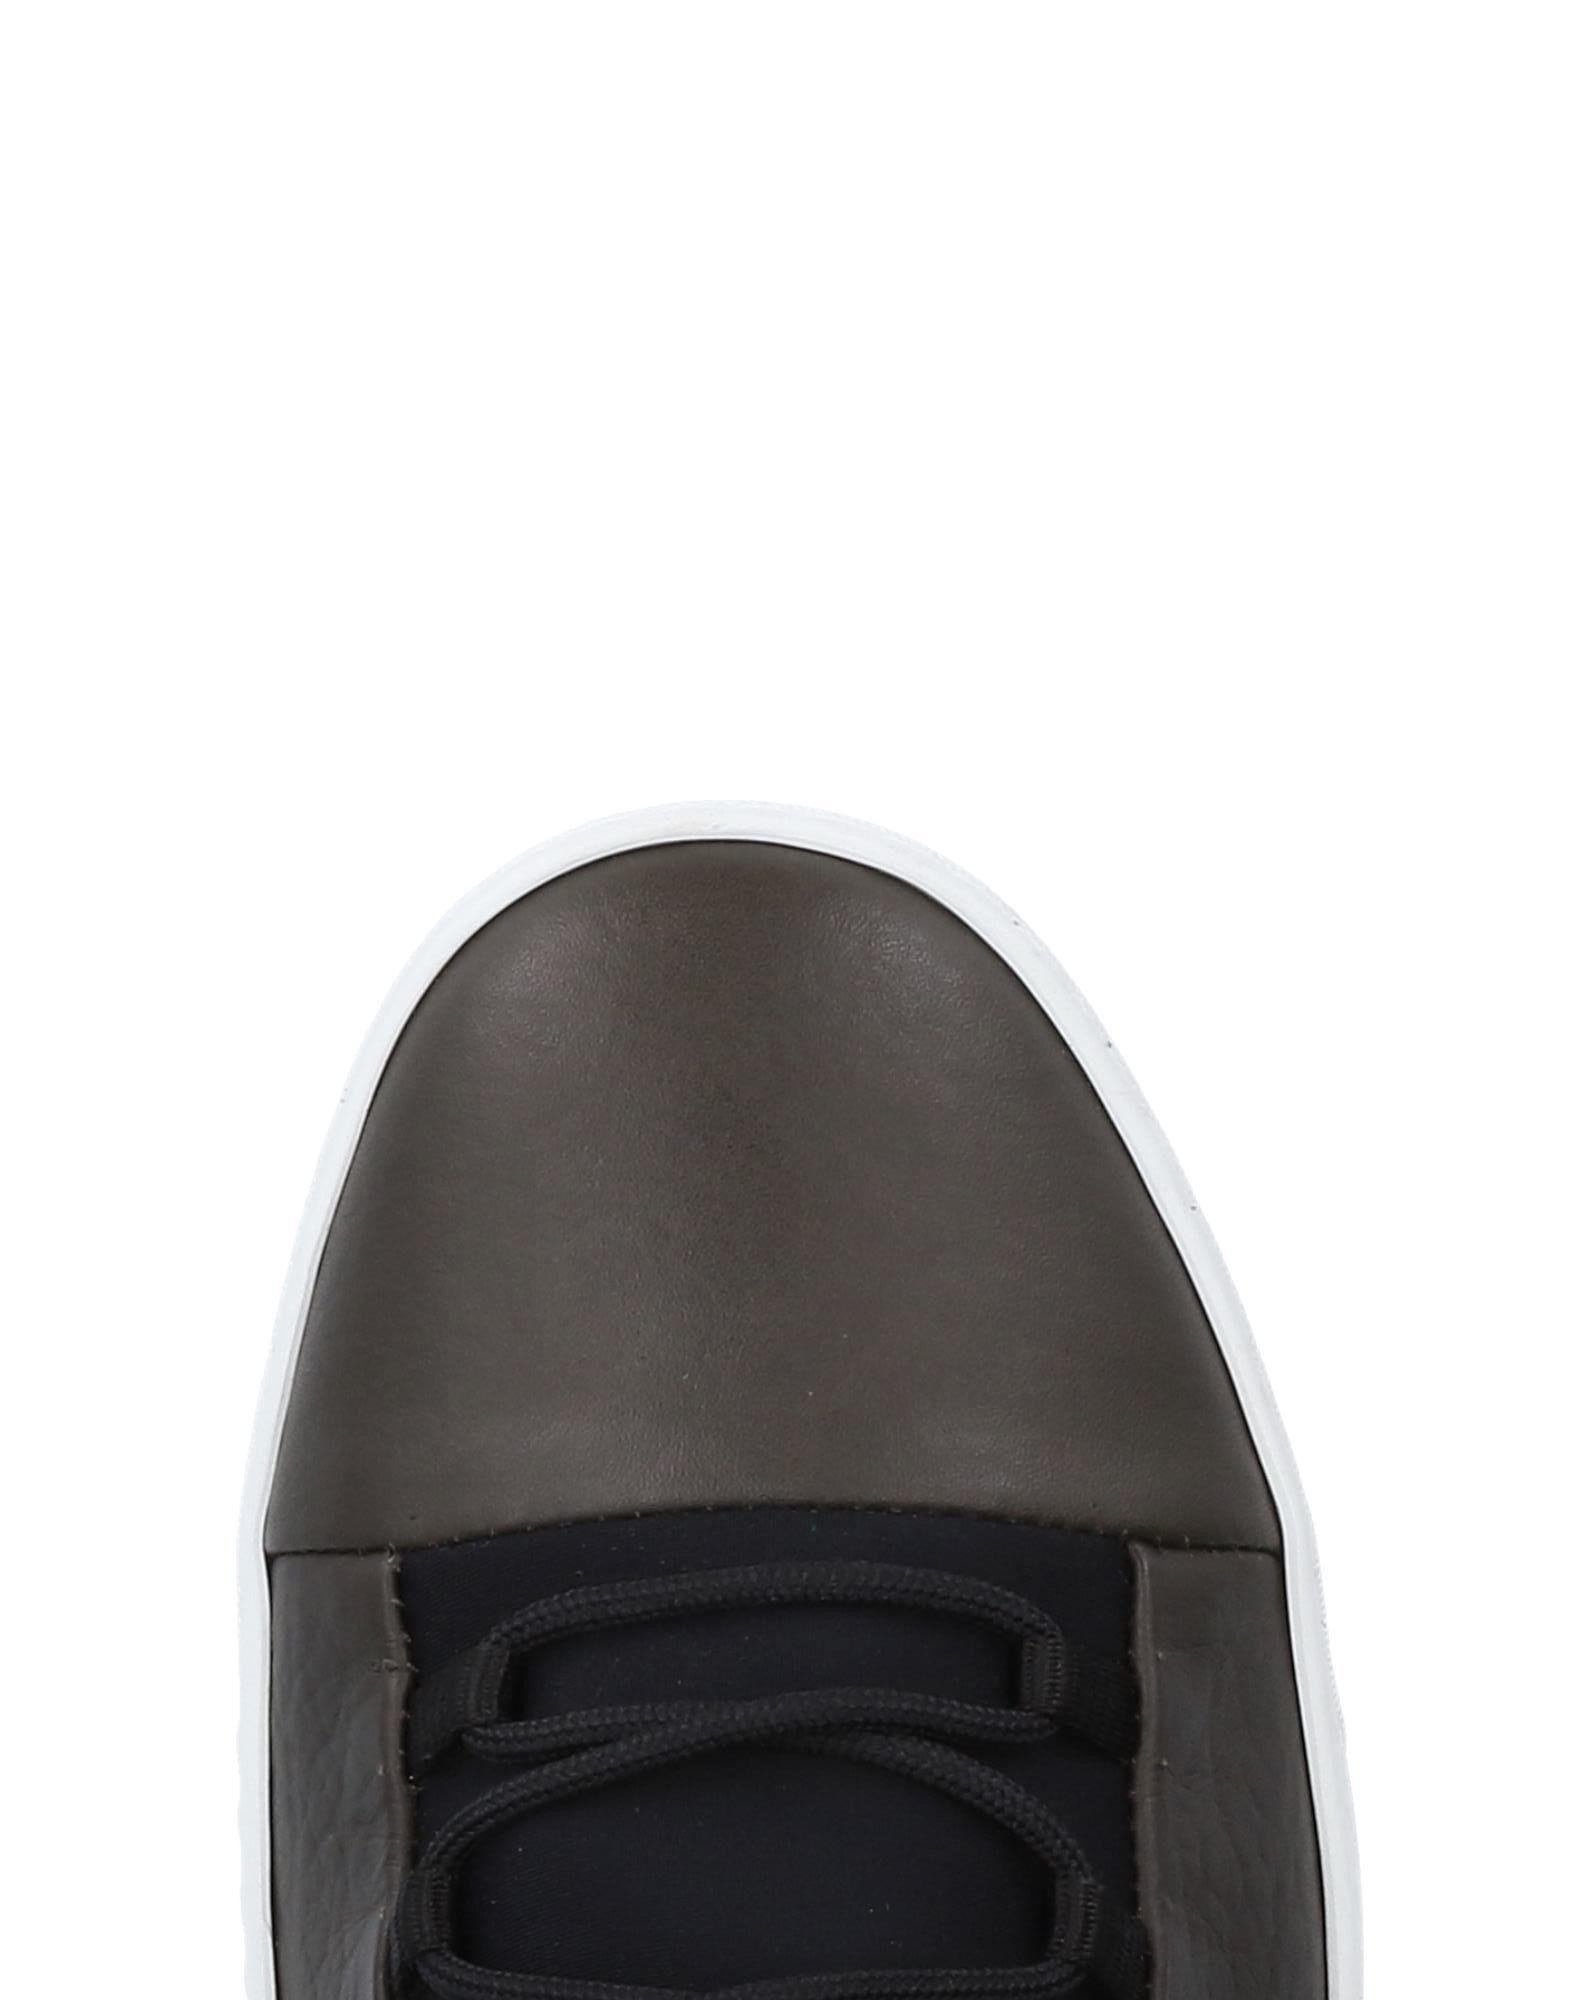 Alexander Sneakers Smith Sneakers Alexander Herren  11504580CE 9185e7